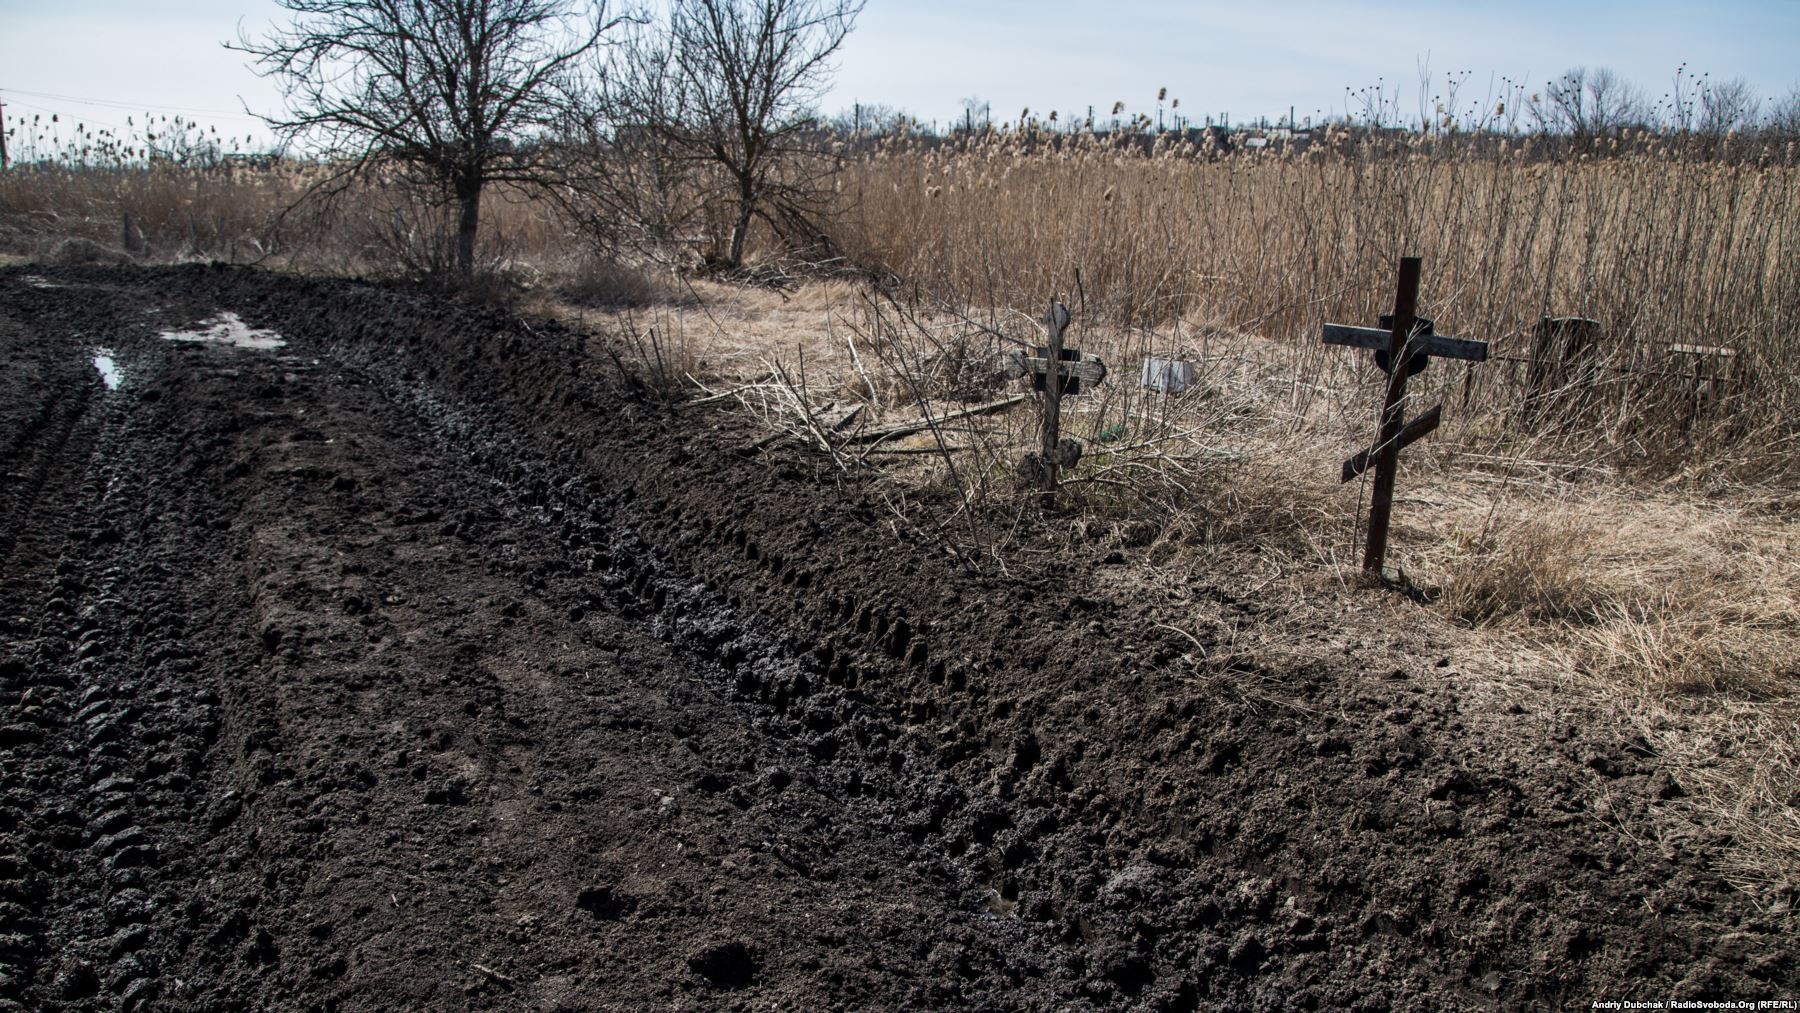 Кладовище. Дорога тут була і раніше, але важкі військові машини «розкатали» її майже до могил